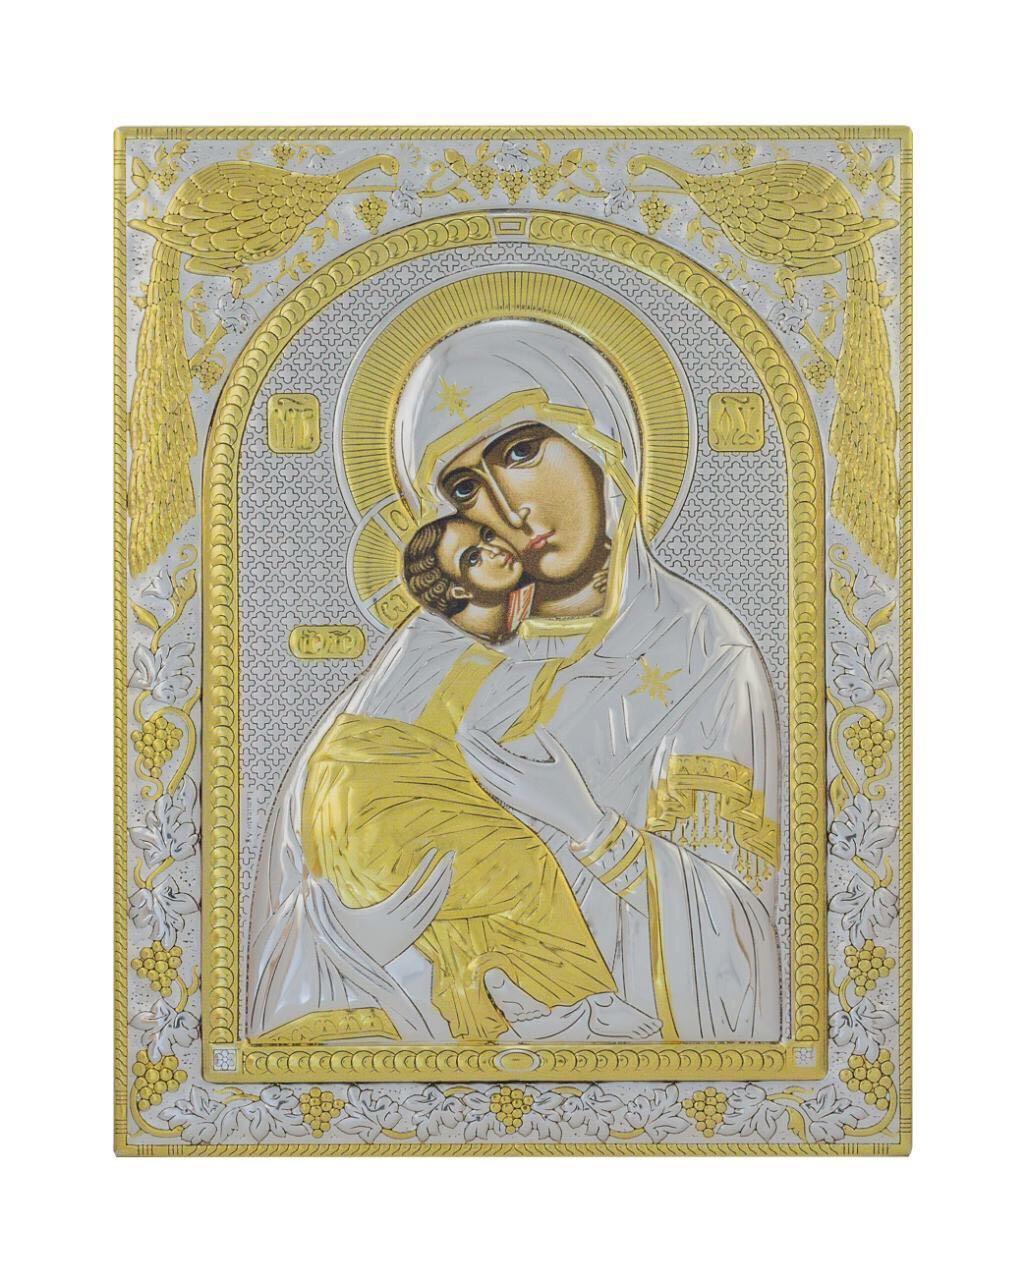 Владимирская икона Божией Матери 150 мм х 200 мм серебряная с позолотой